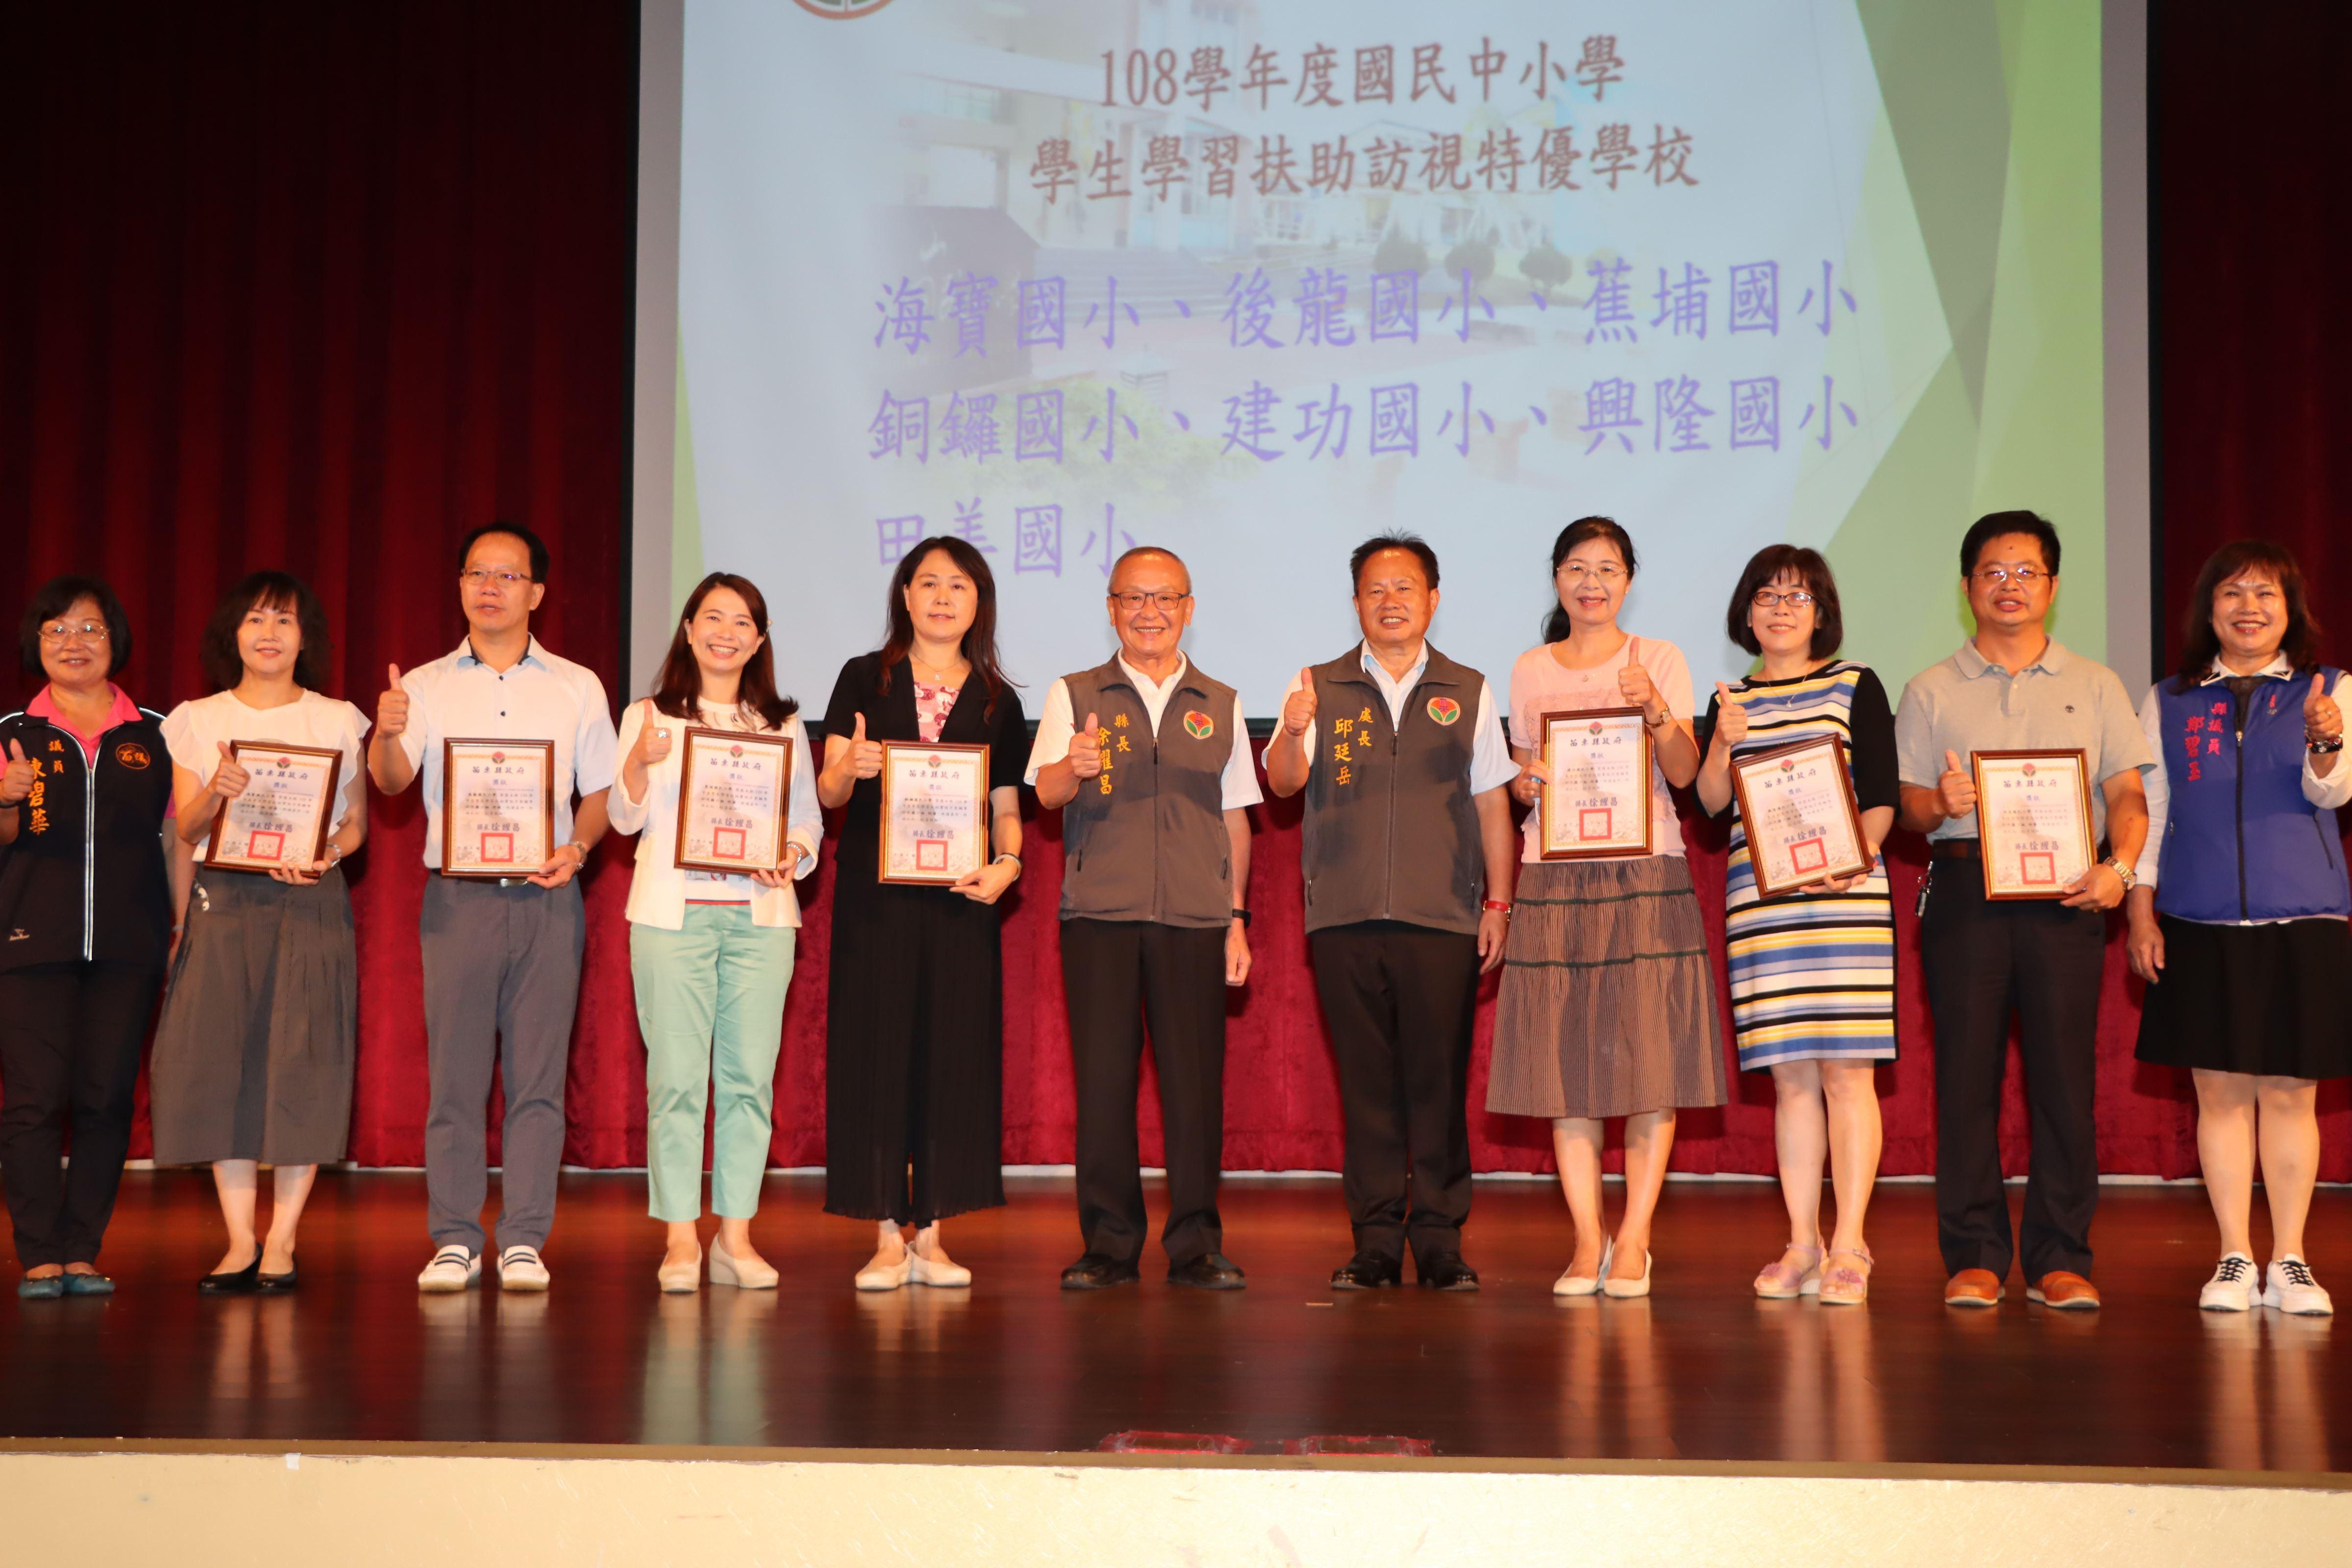 5縣府-表揚學習扶助訪視特優學校IMG_8241.JPG